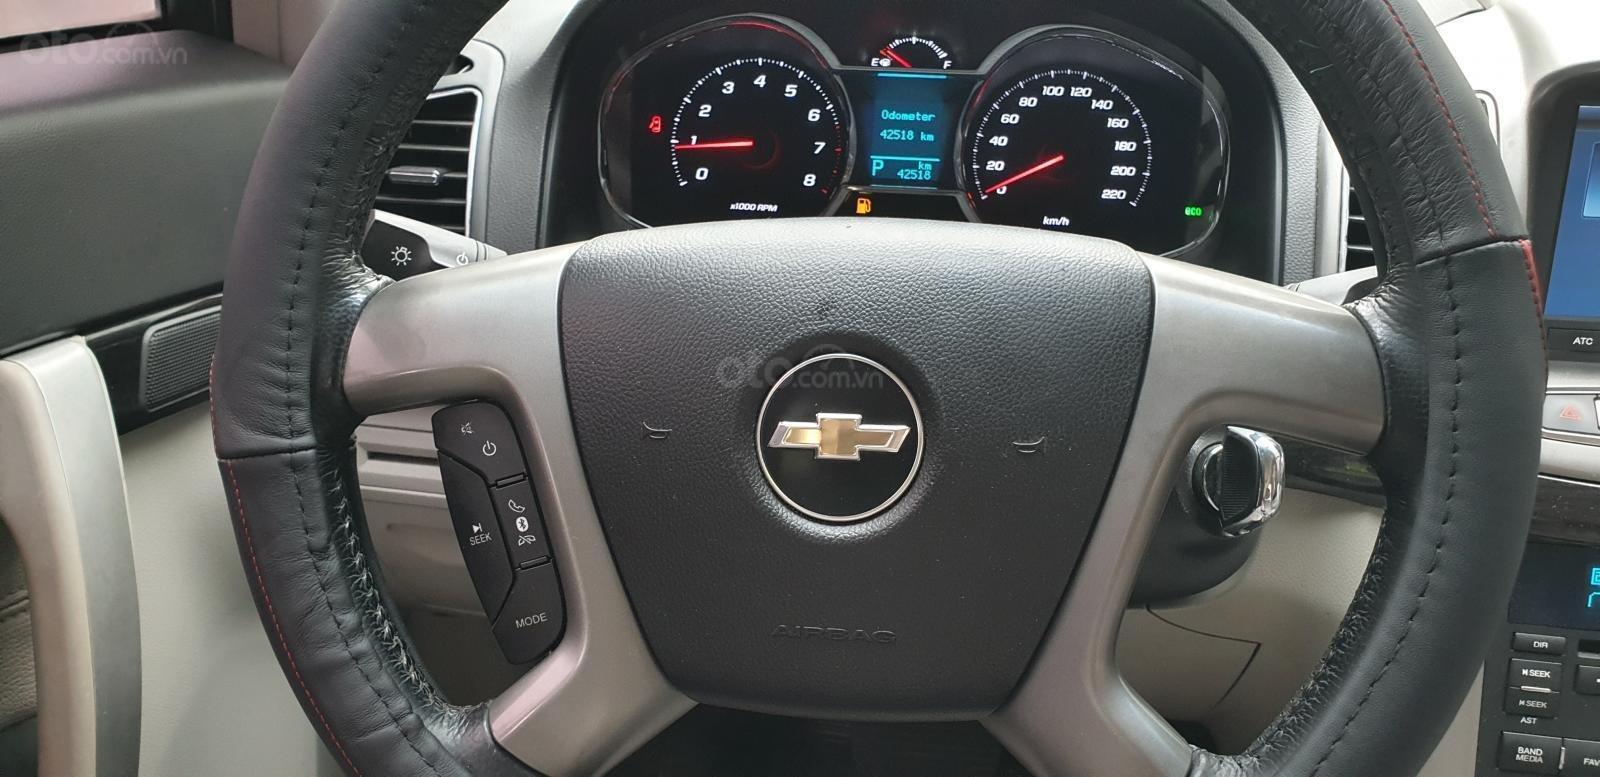 Bán Chevrolet Captiva LTZ máy Ecotec số tự động model 2016, SX T12/ 2015, màu trắng, đẹp mới 90% (23)